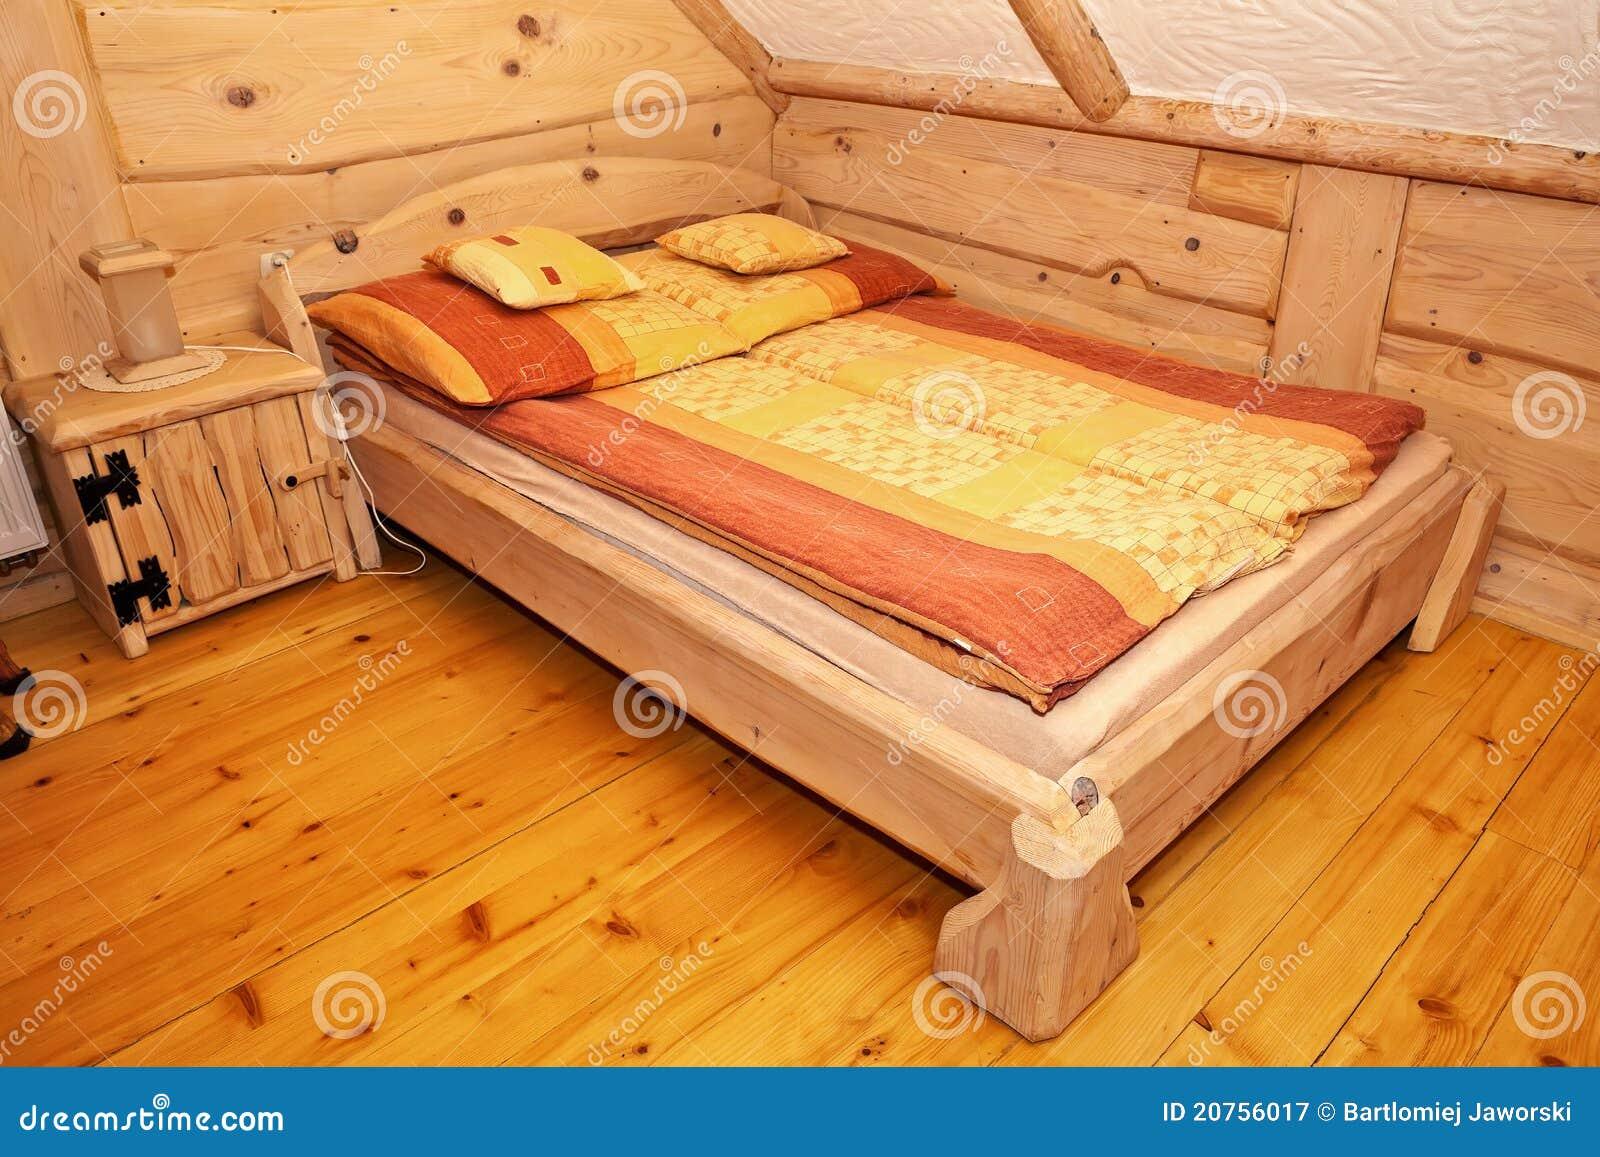 Camere Da Letto In Legno Rustico - Modelos De Casas - Justrigs.com